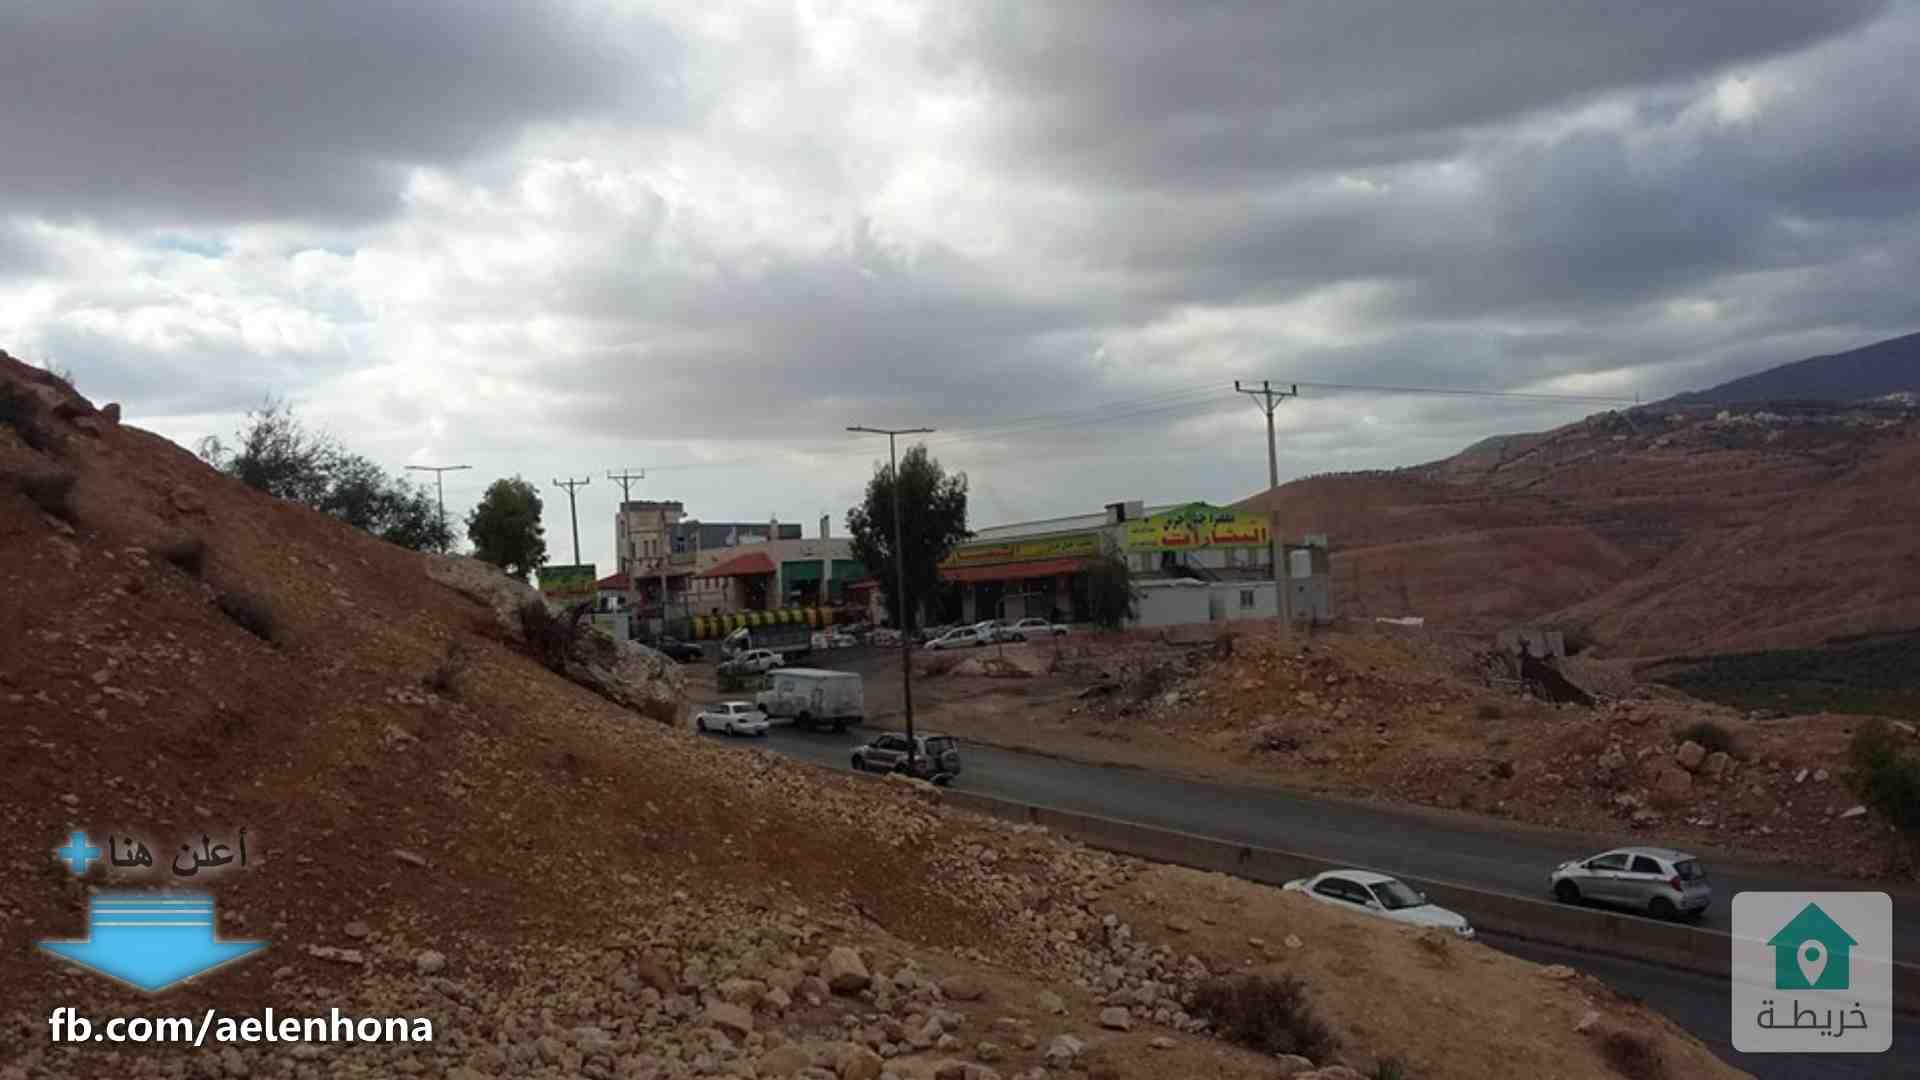 اراضي للبيع في جرش جبة طريق عمان جرش